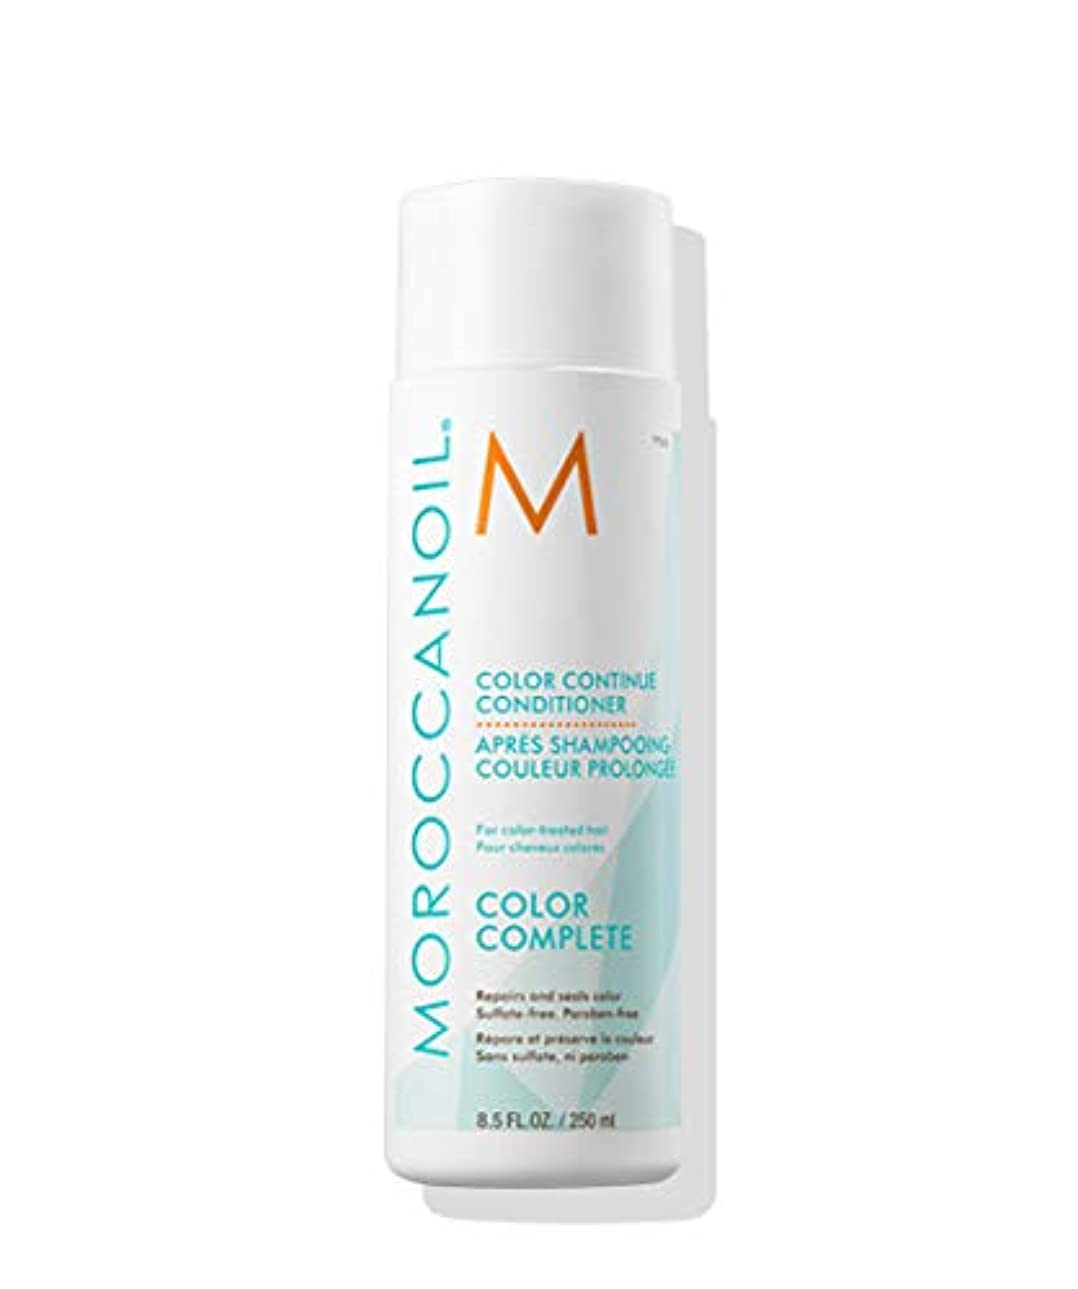 泥沼受粉者ゴシップモロッカンオイル Color Continue Conditioner (For Color-Treated Hair) 250ml/8.5oz並行輸入品